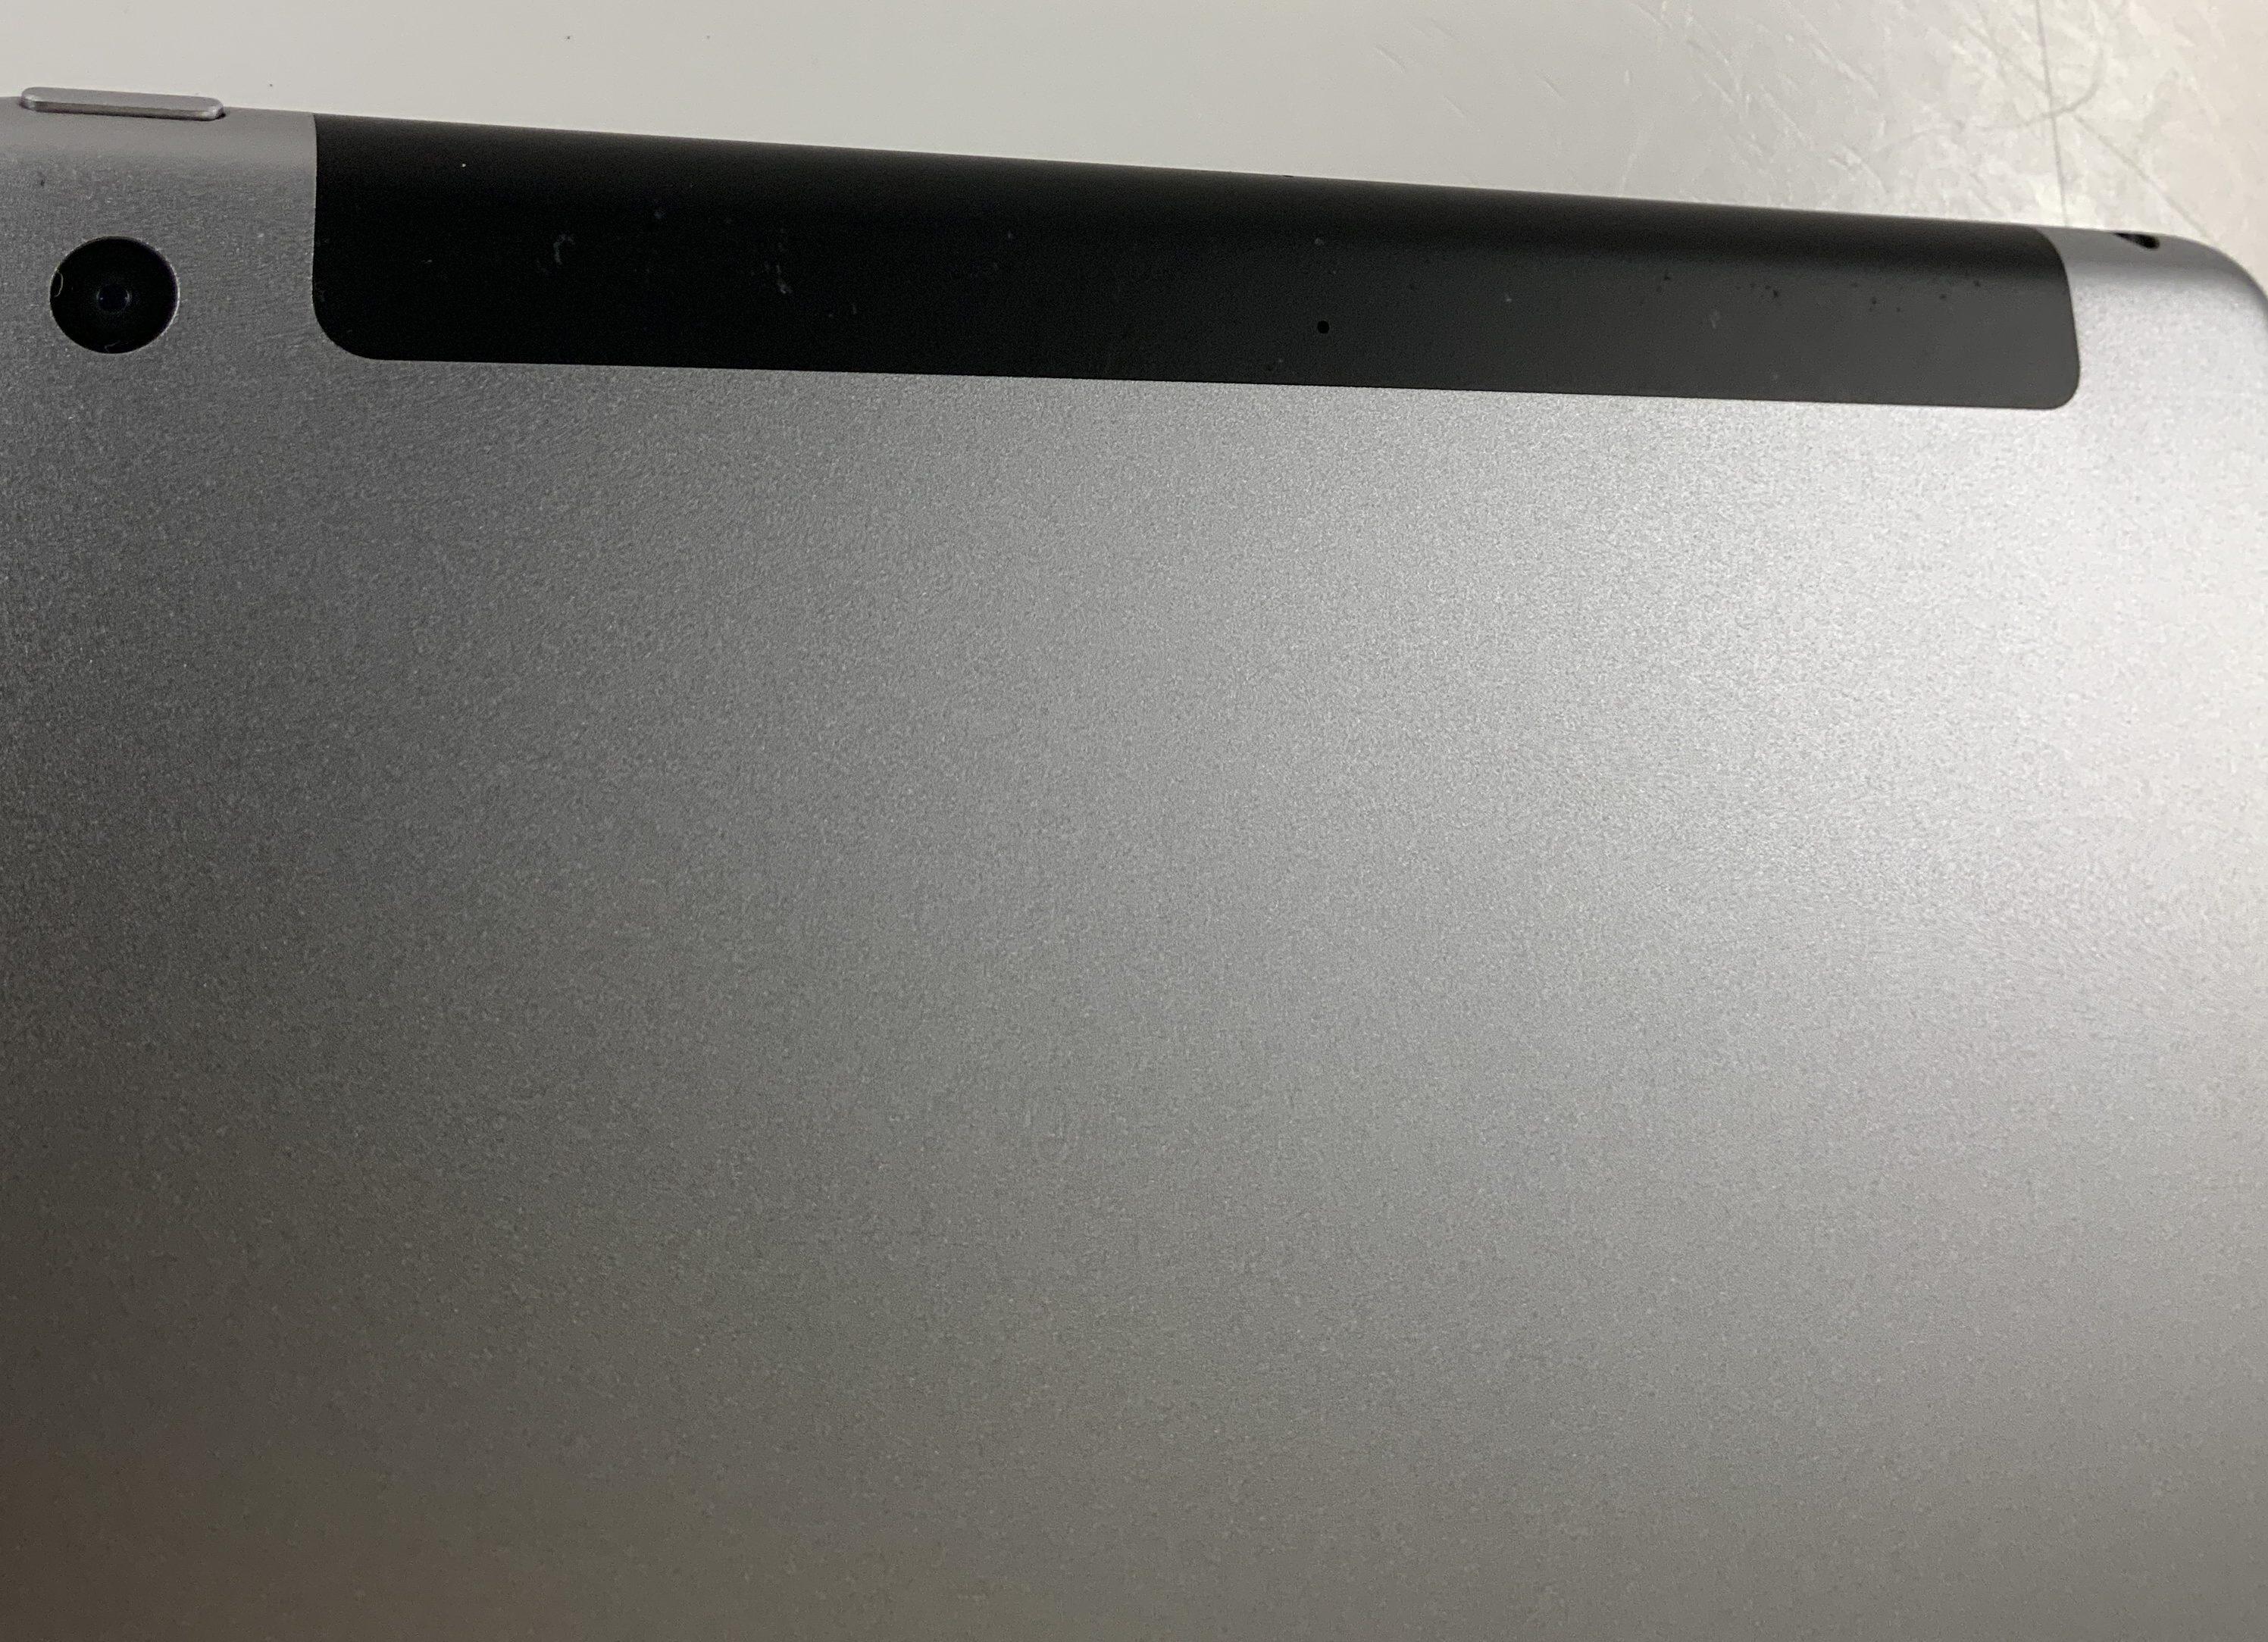 iPad 5 Wi-Fi + Cellular 128GB, 128GB, Space Gray, Afbeelding 4